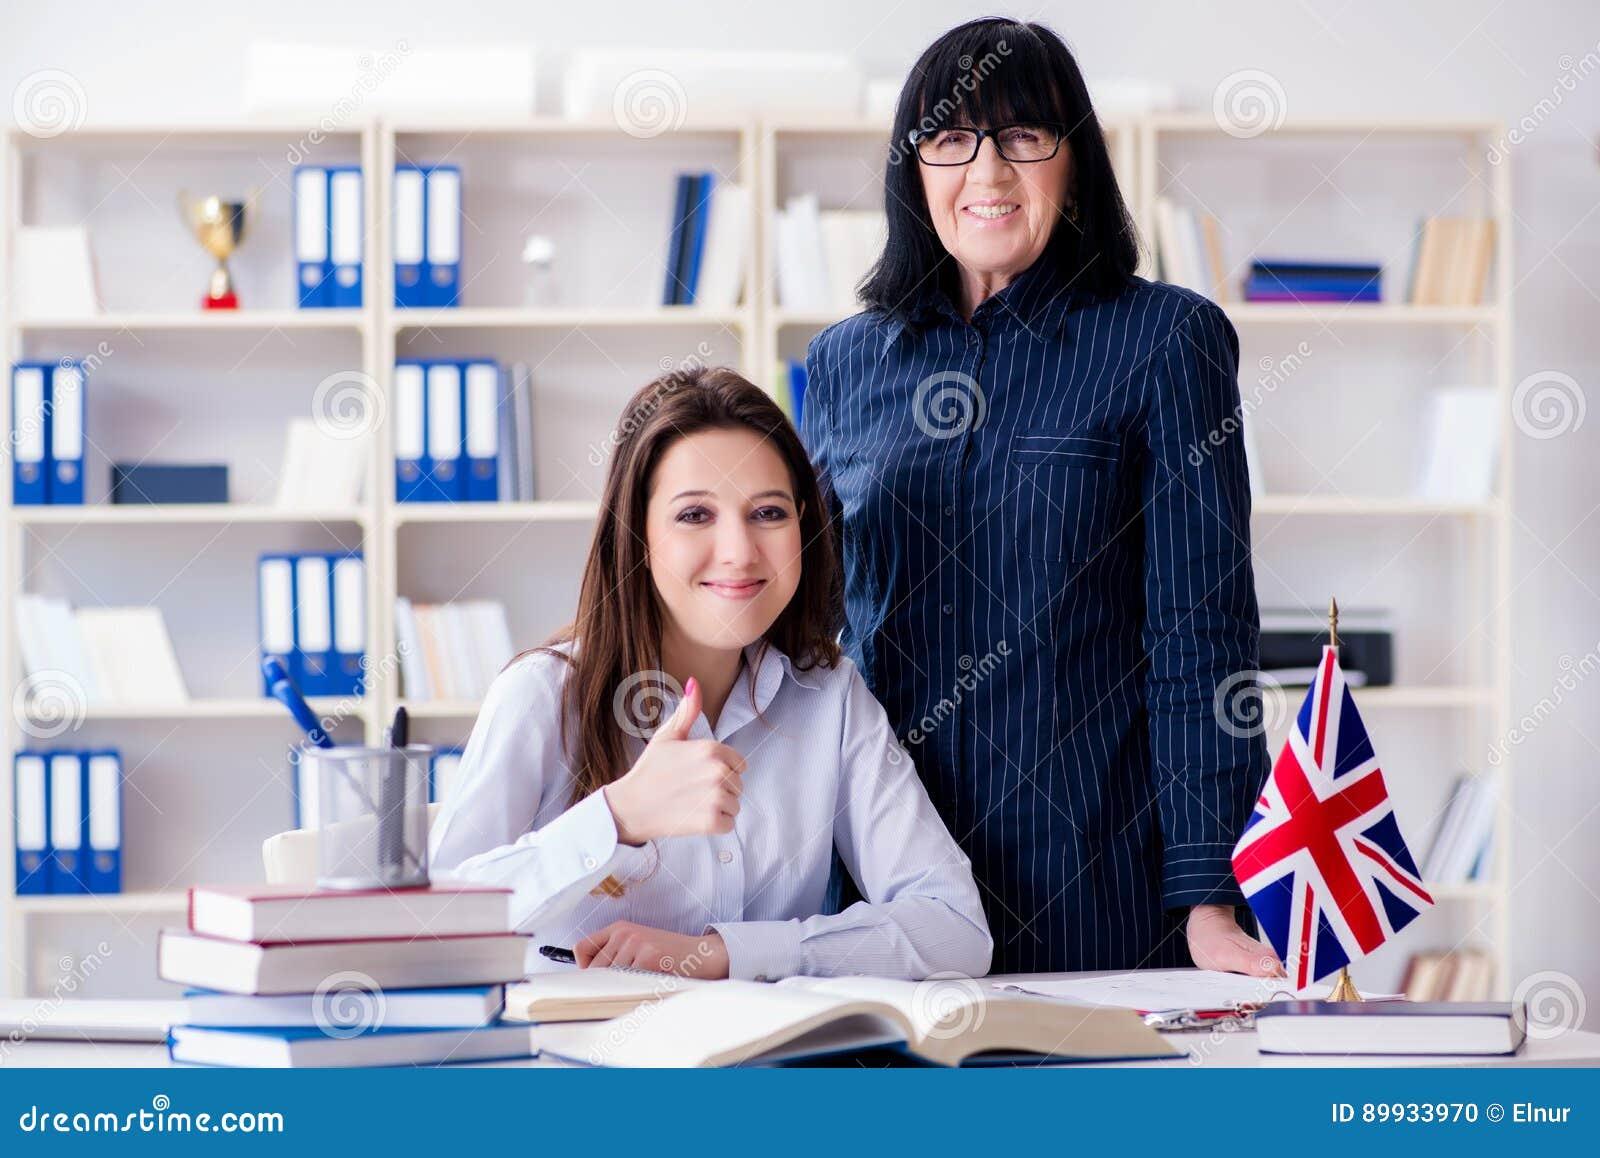 De jonge buitenlandse student tijdens engelstalige les